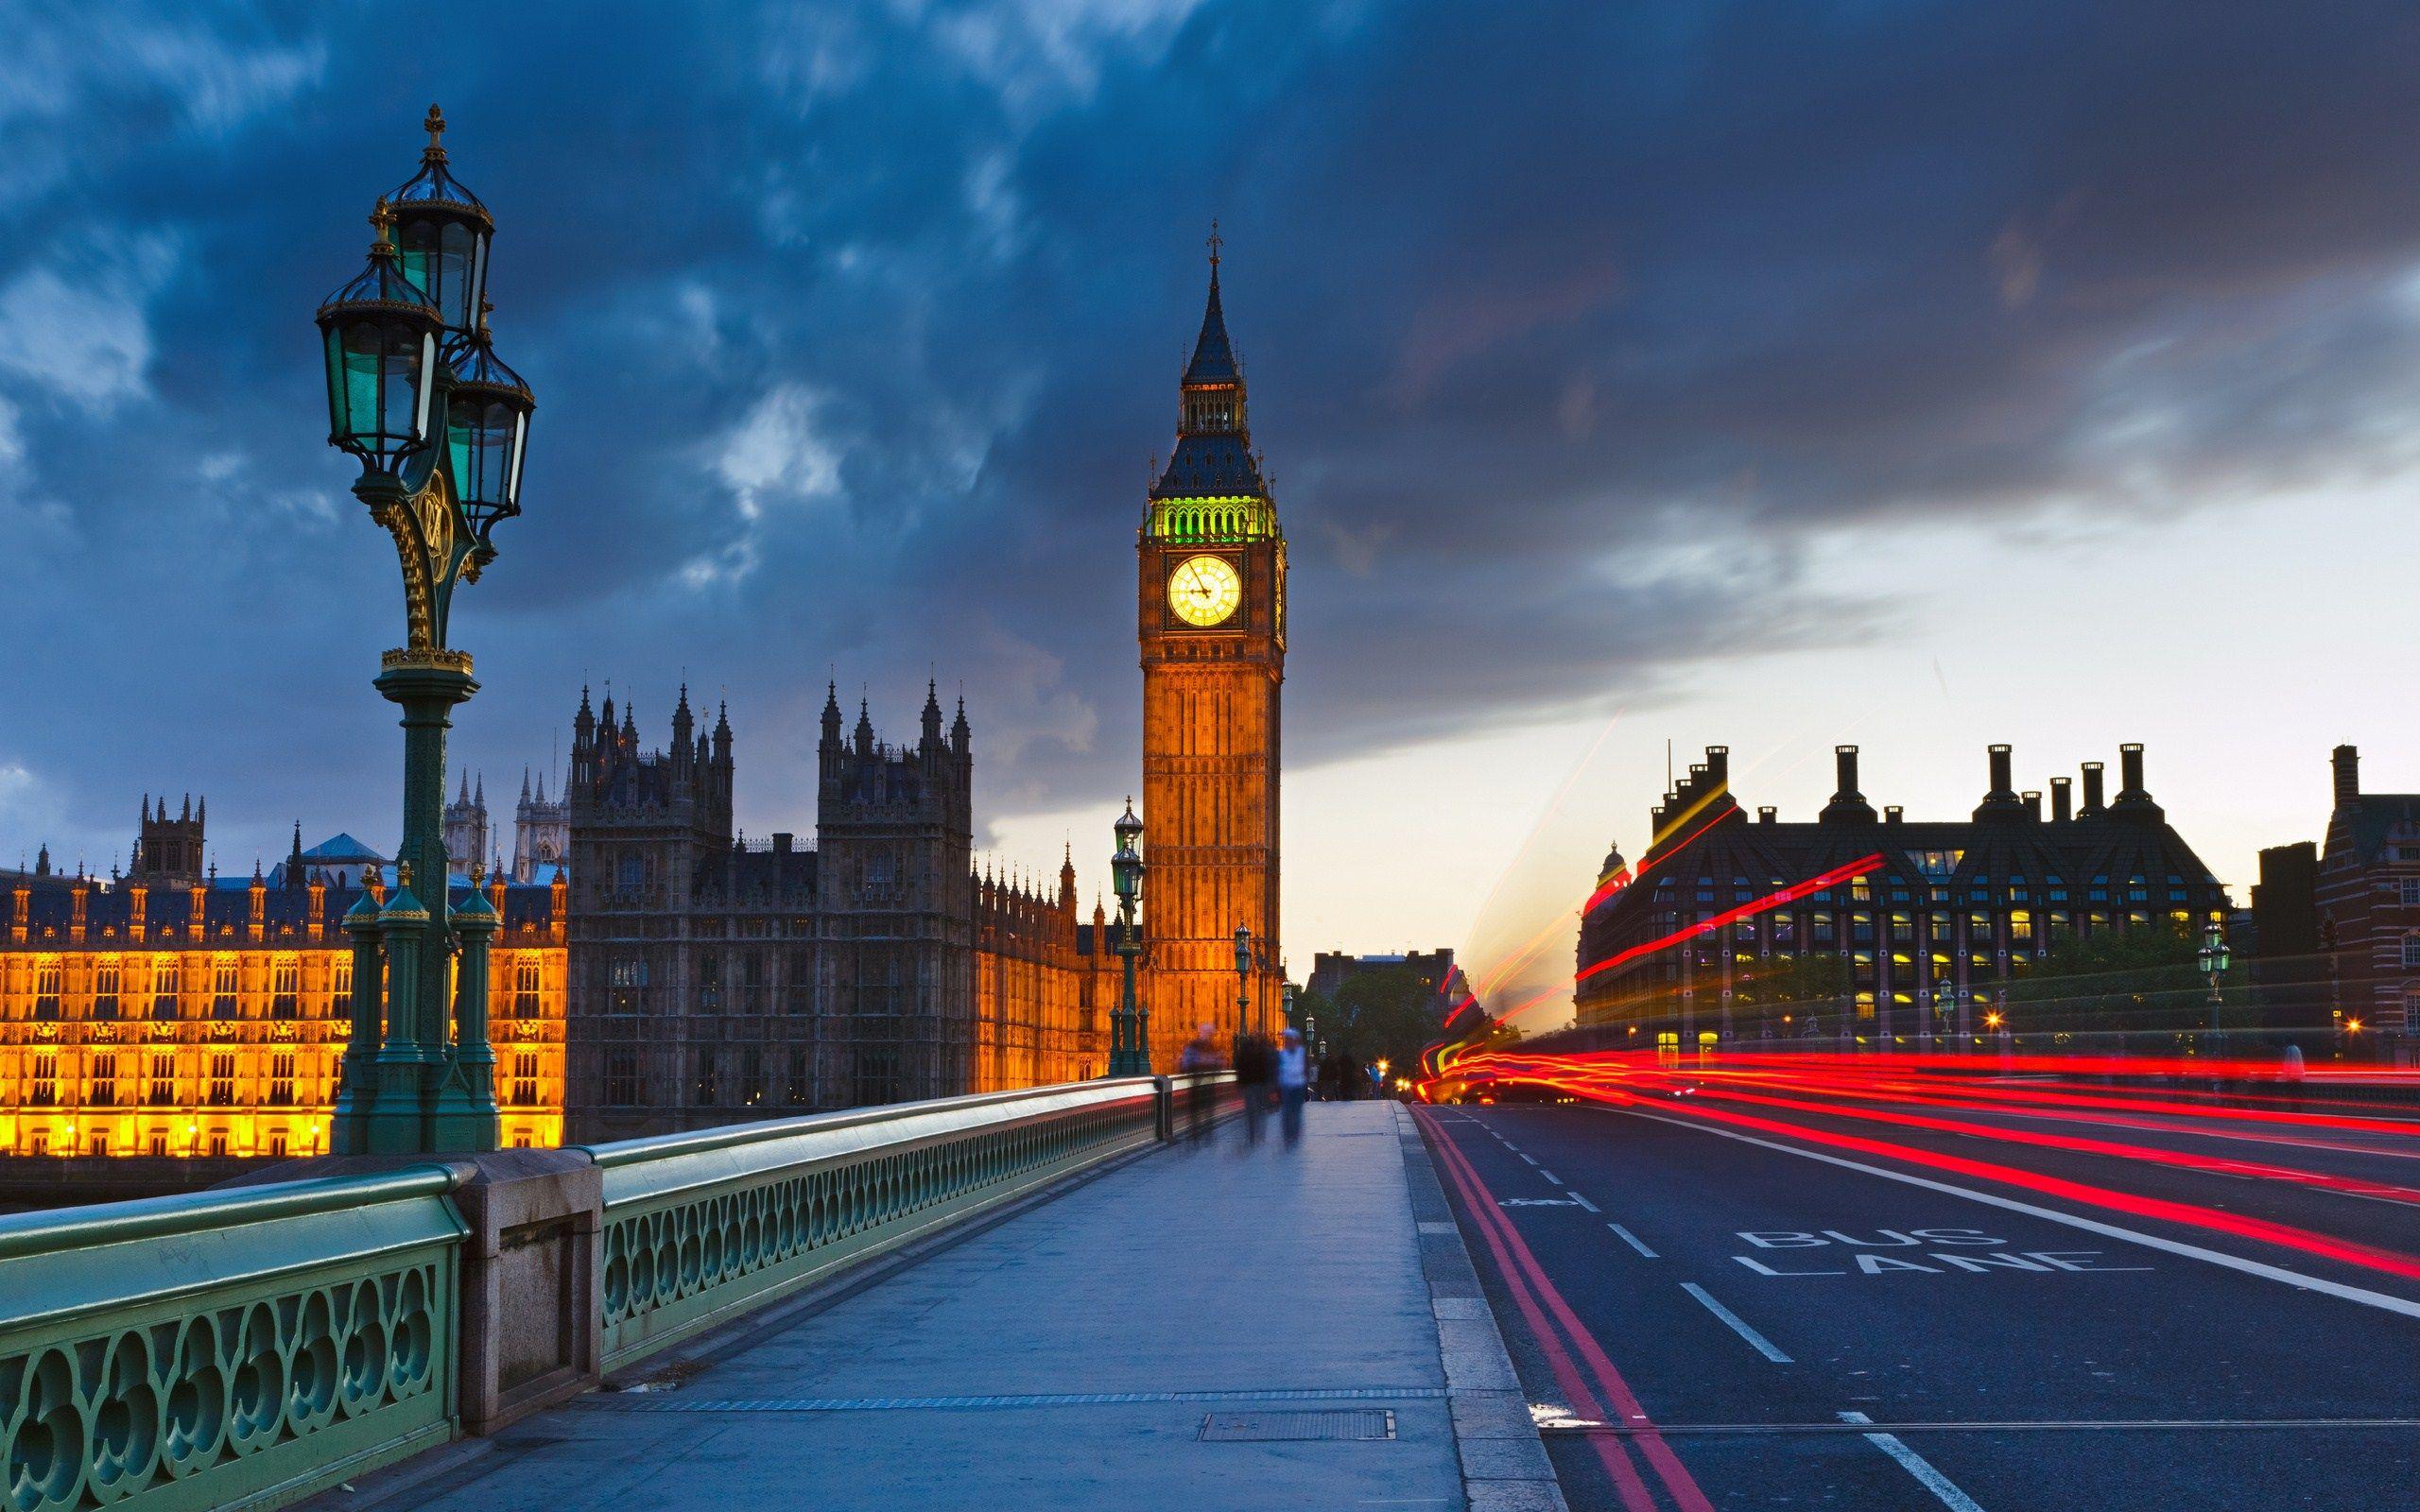 каркас фотообои в хабаровске великобритании поднималась скалу